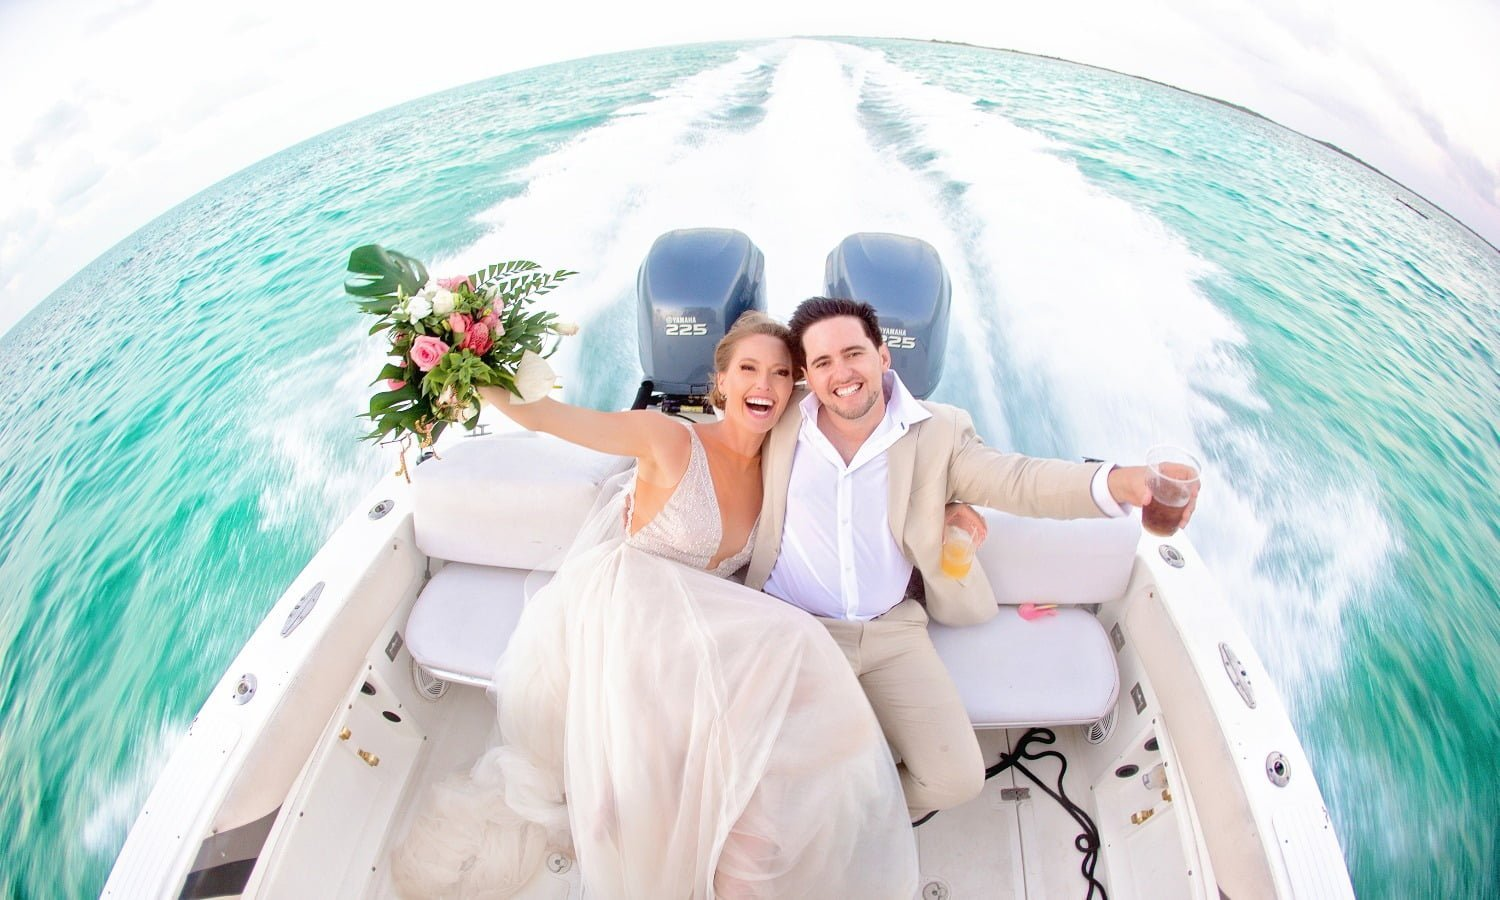 photoshoot on boat